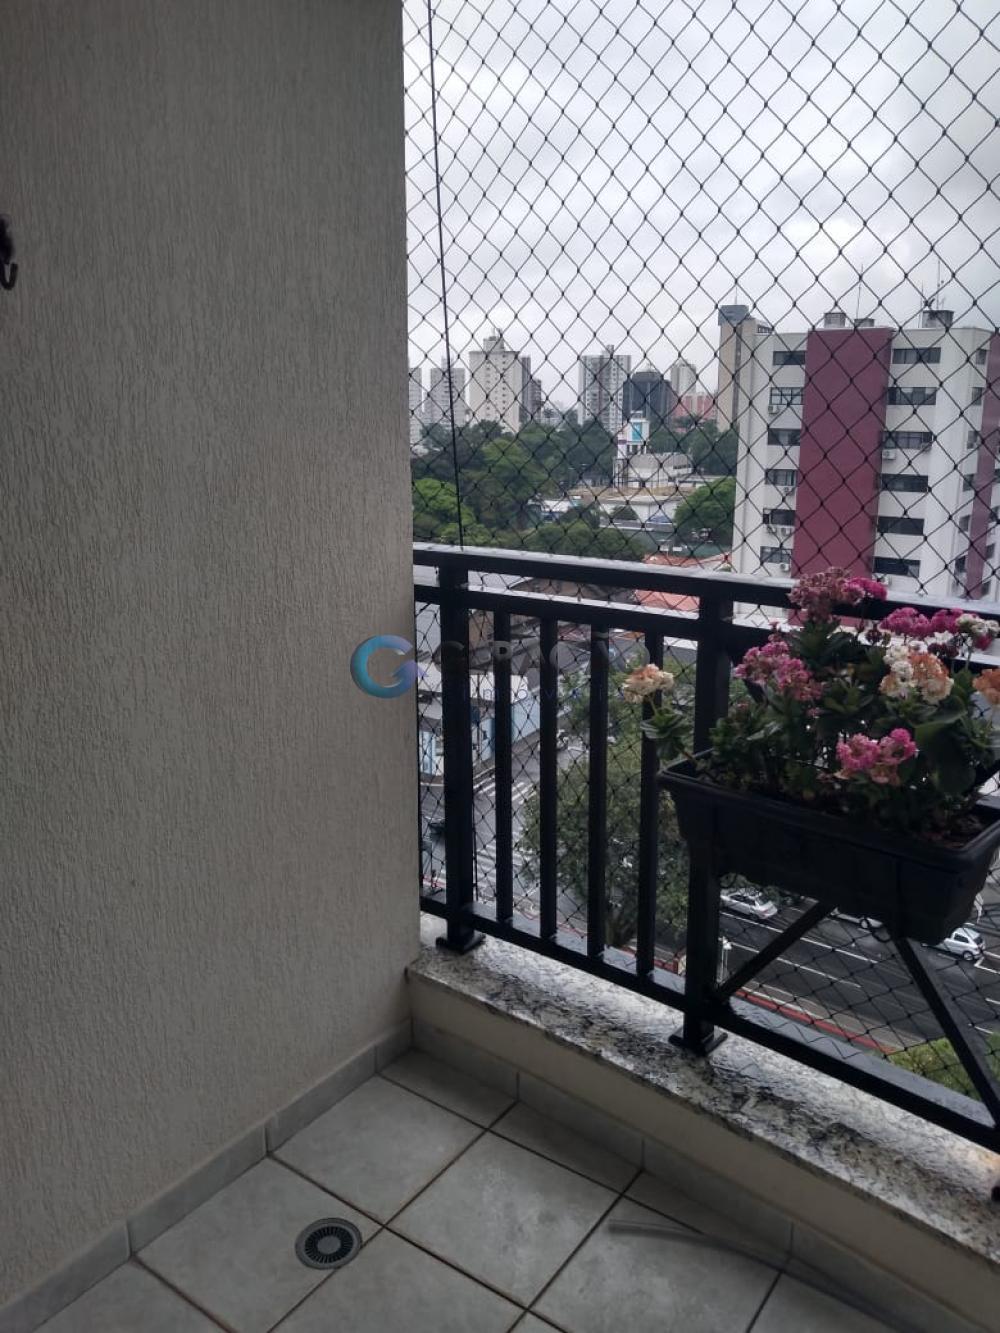 Comprar Apartamento / Padrão em São José dos Campos R$ 1.300.000,00 - Foto 13